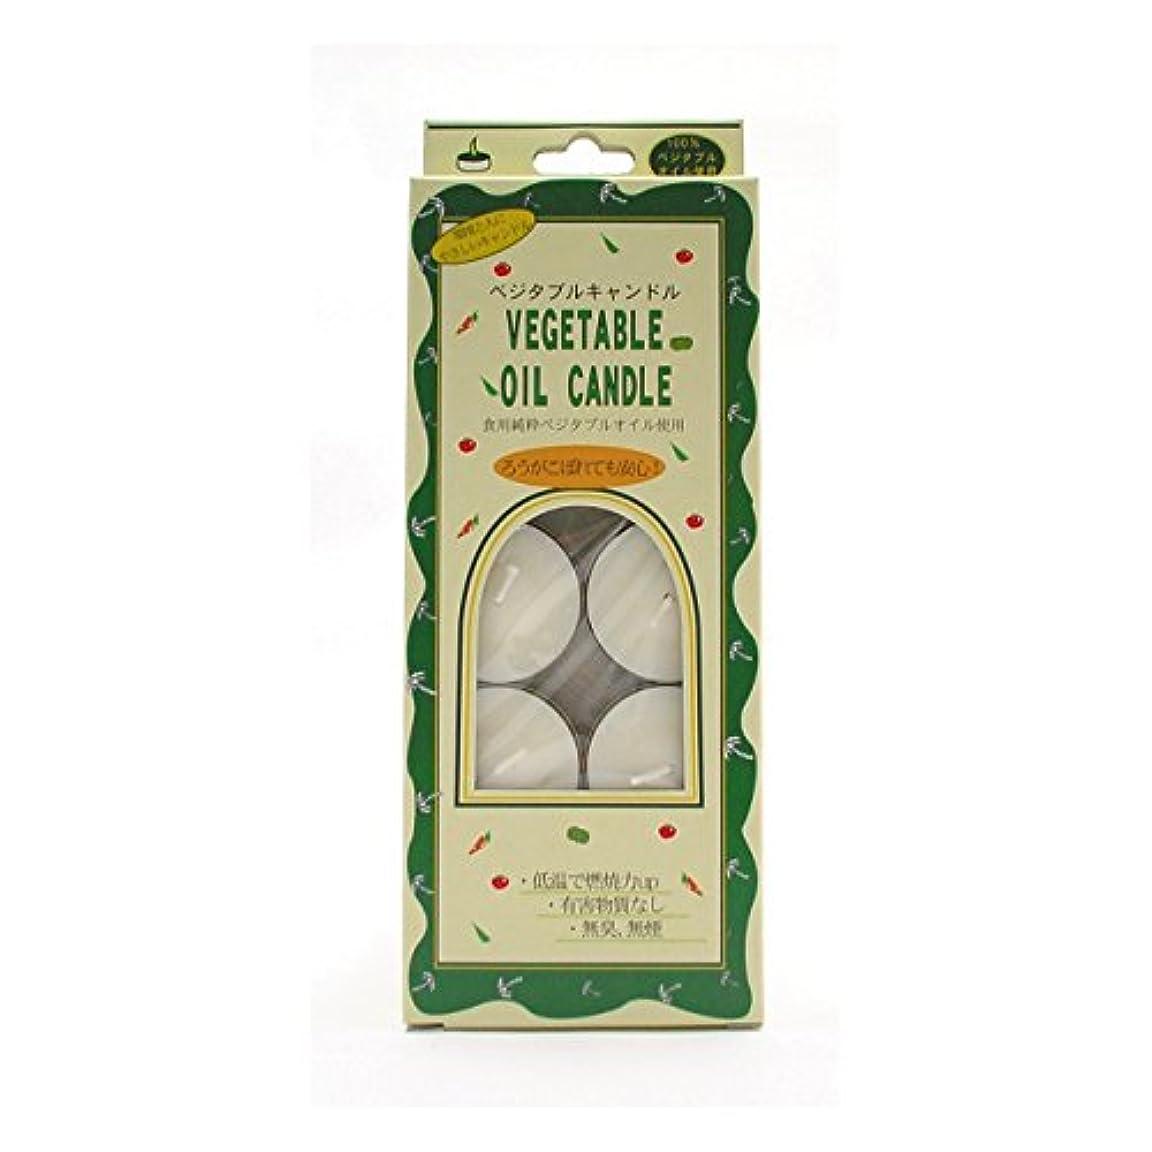 手足スキム勧告ベジタブルティーライトキャンドル 10個入(1個あたり燃焼時間約3時間半 純植物性ろうそく)